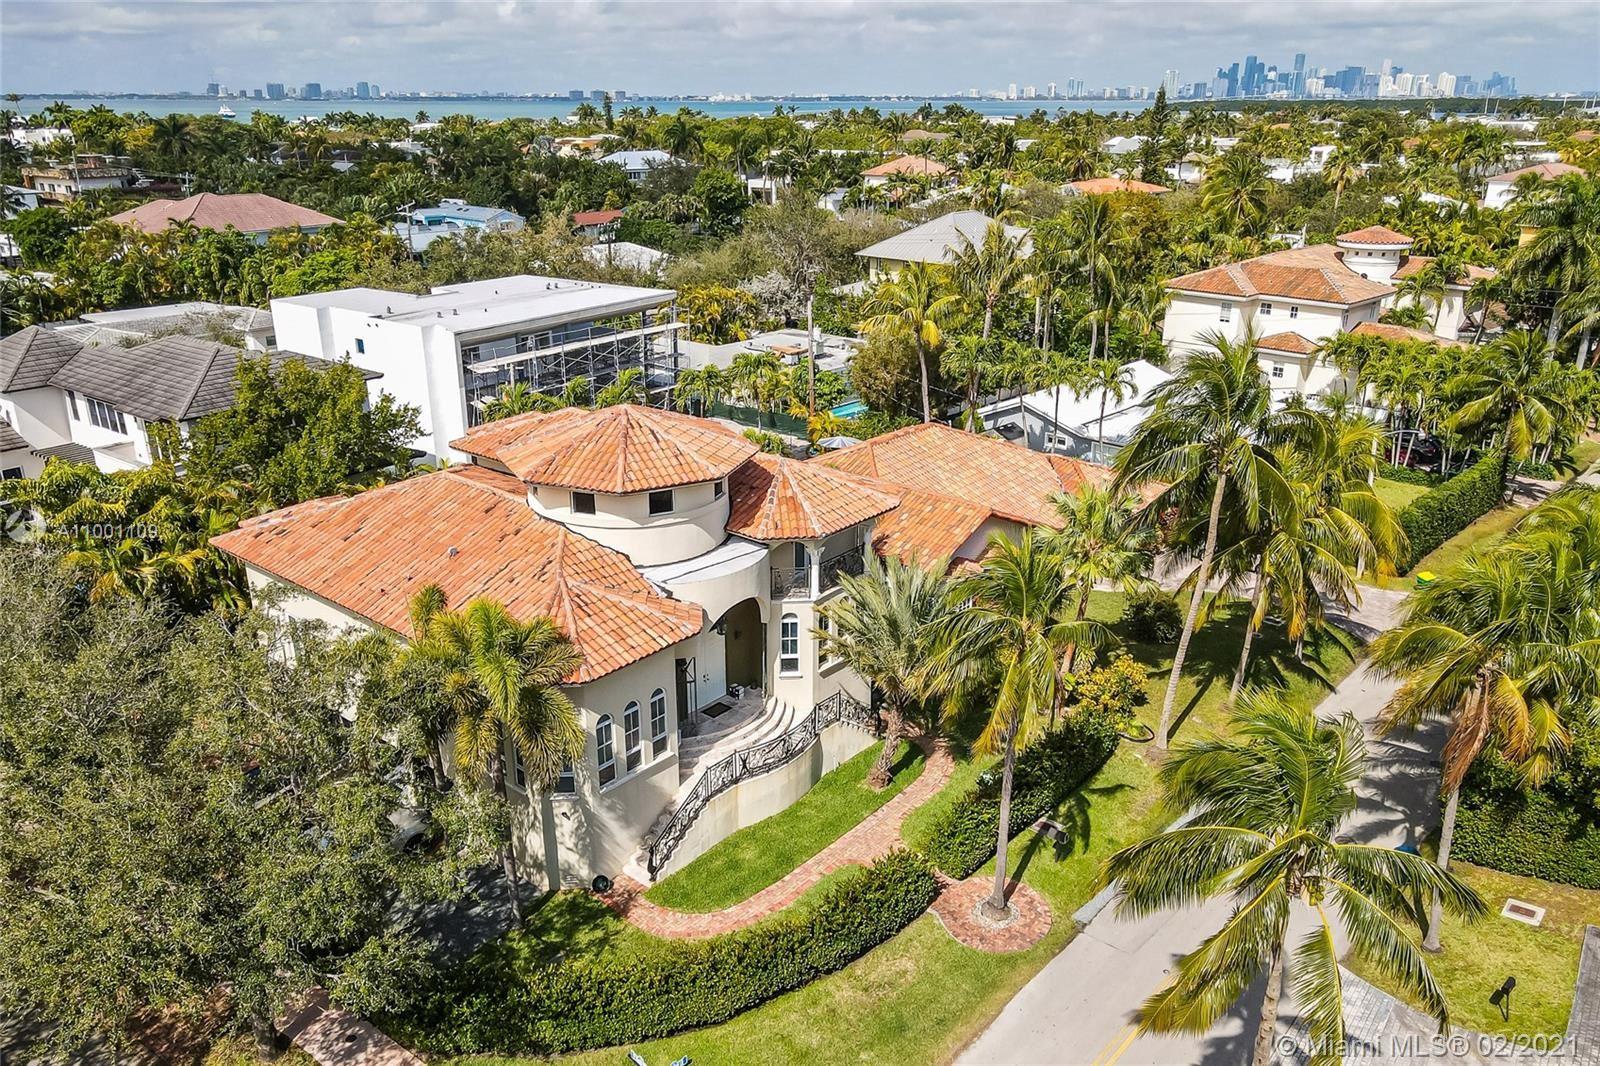 570 Hampton Ln, Key Biscayne, FL 33149 - #: A11001109